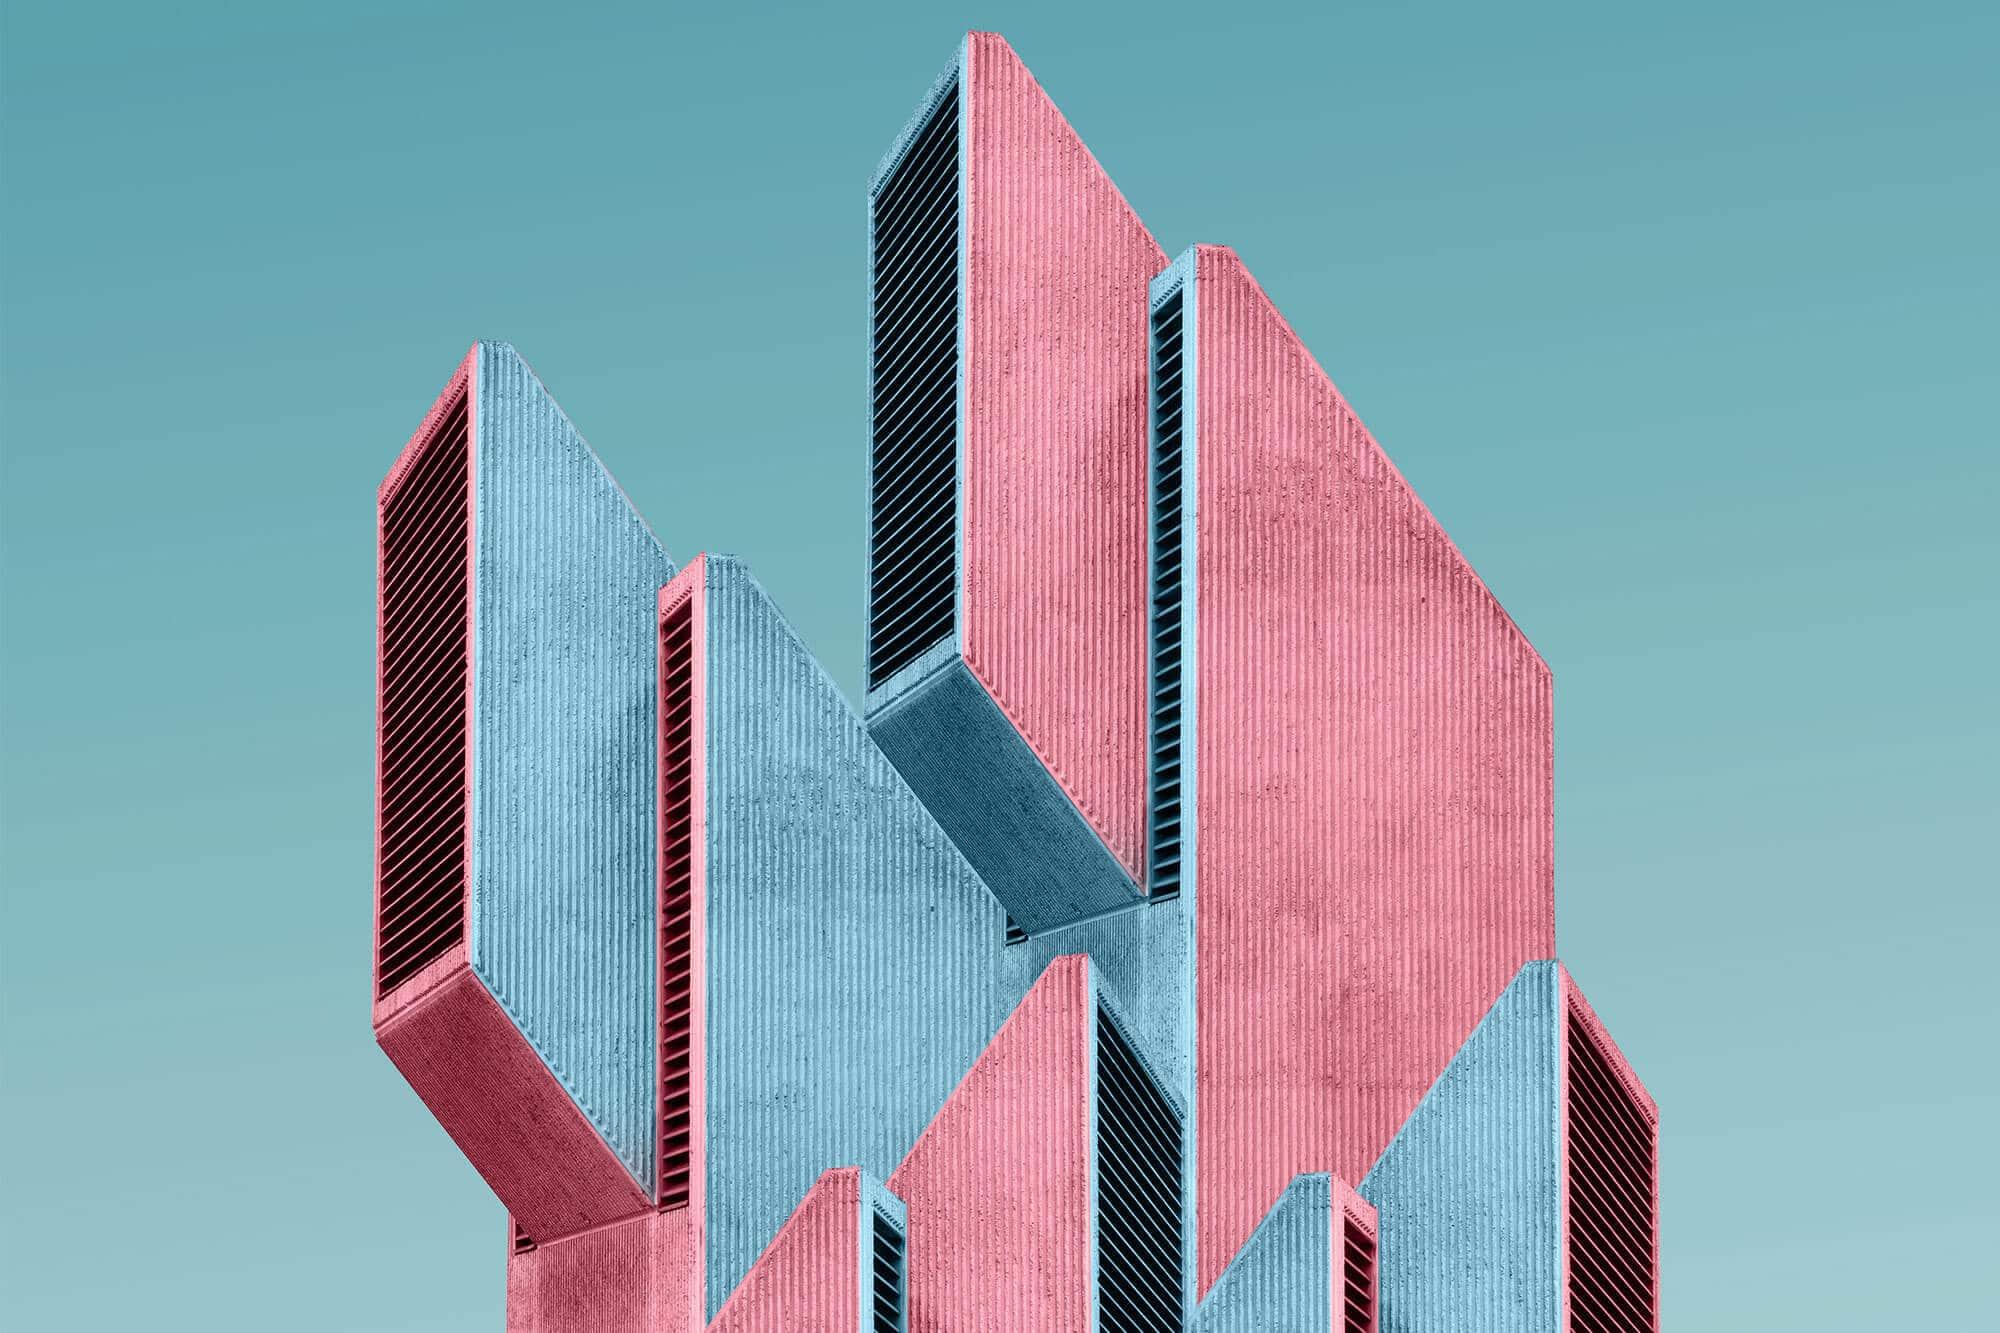 Das Architecture Charter